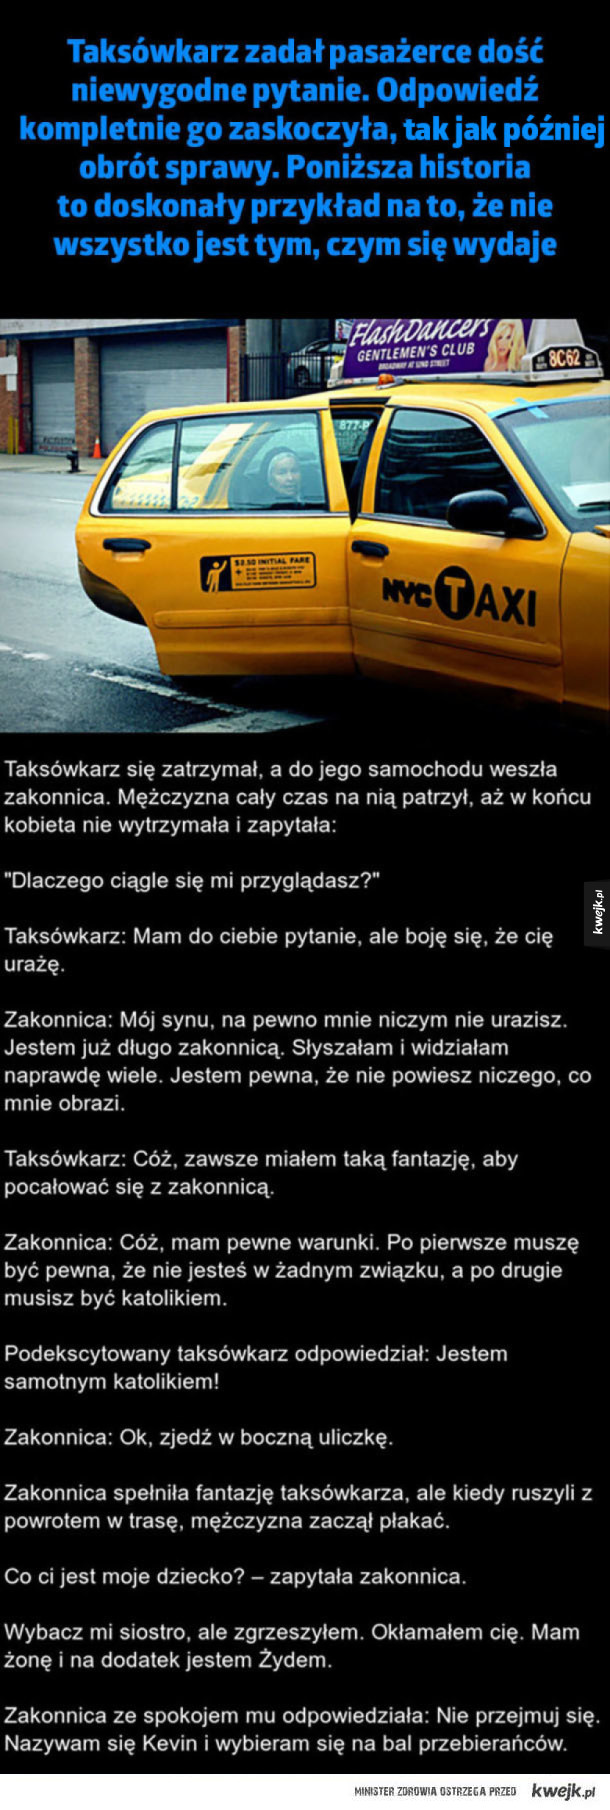 Niewygodne pytanie od taksówkarza